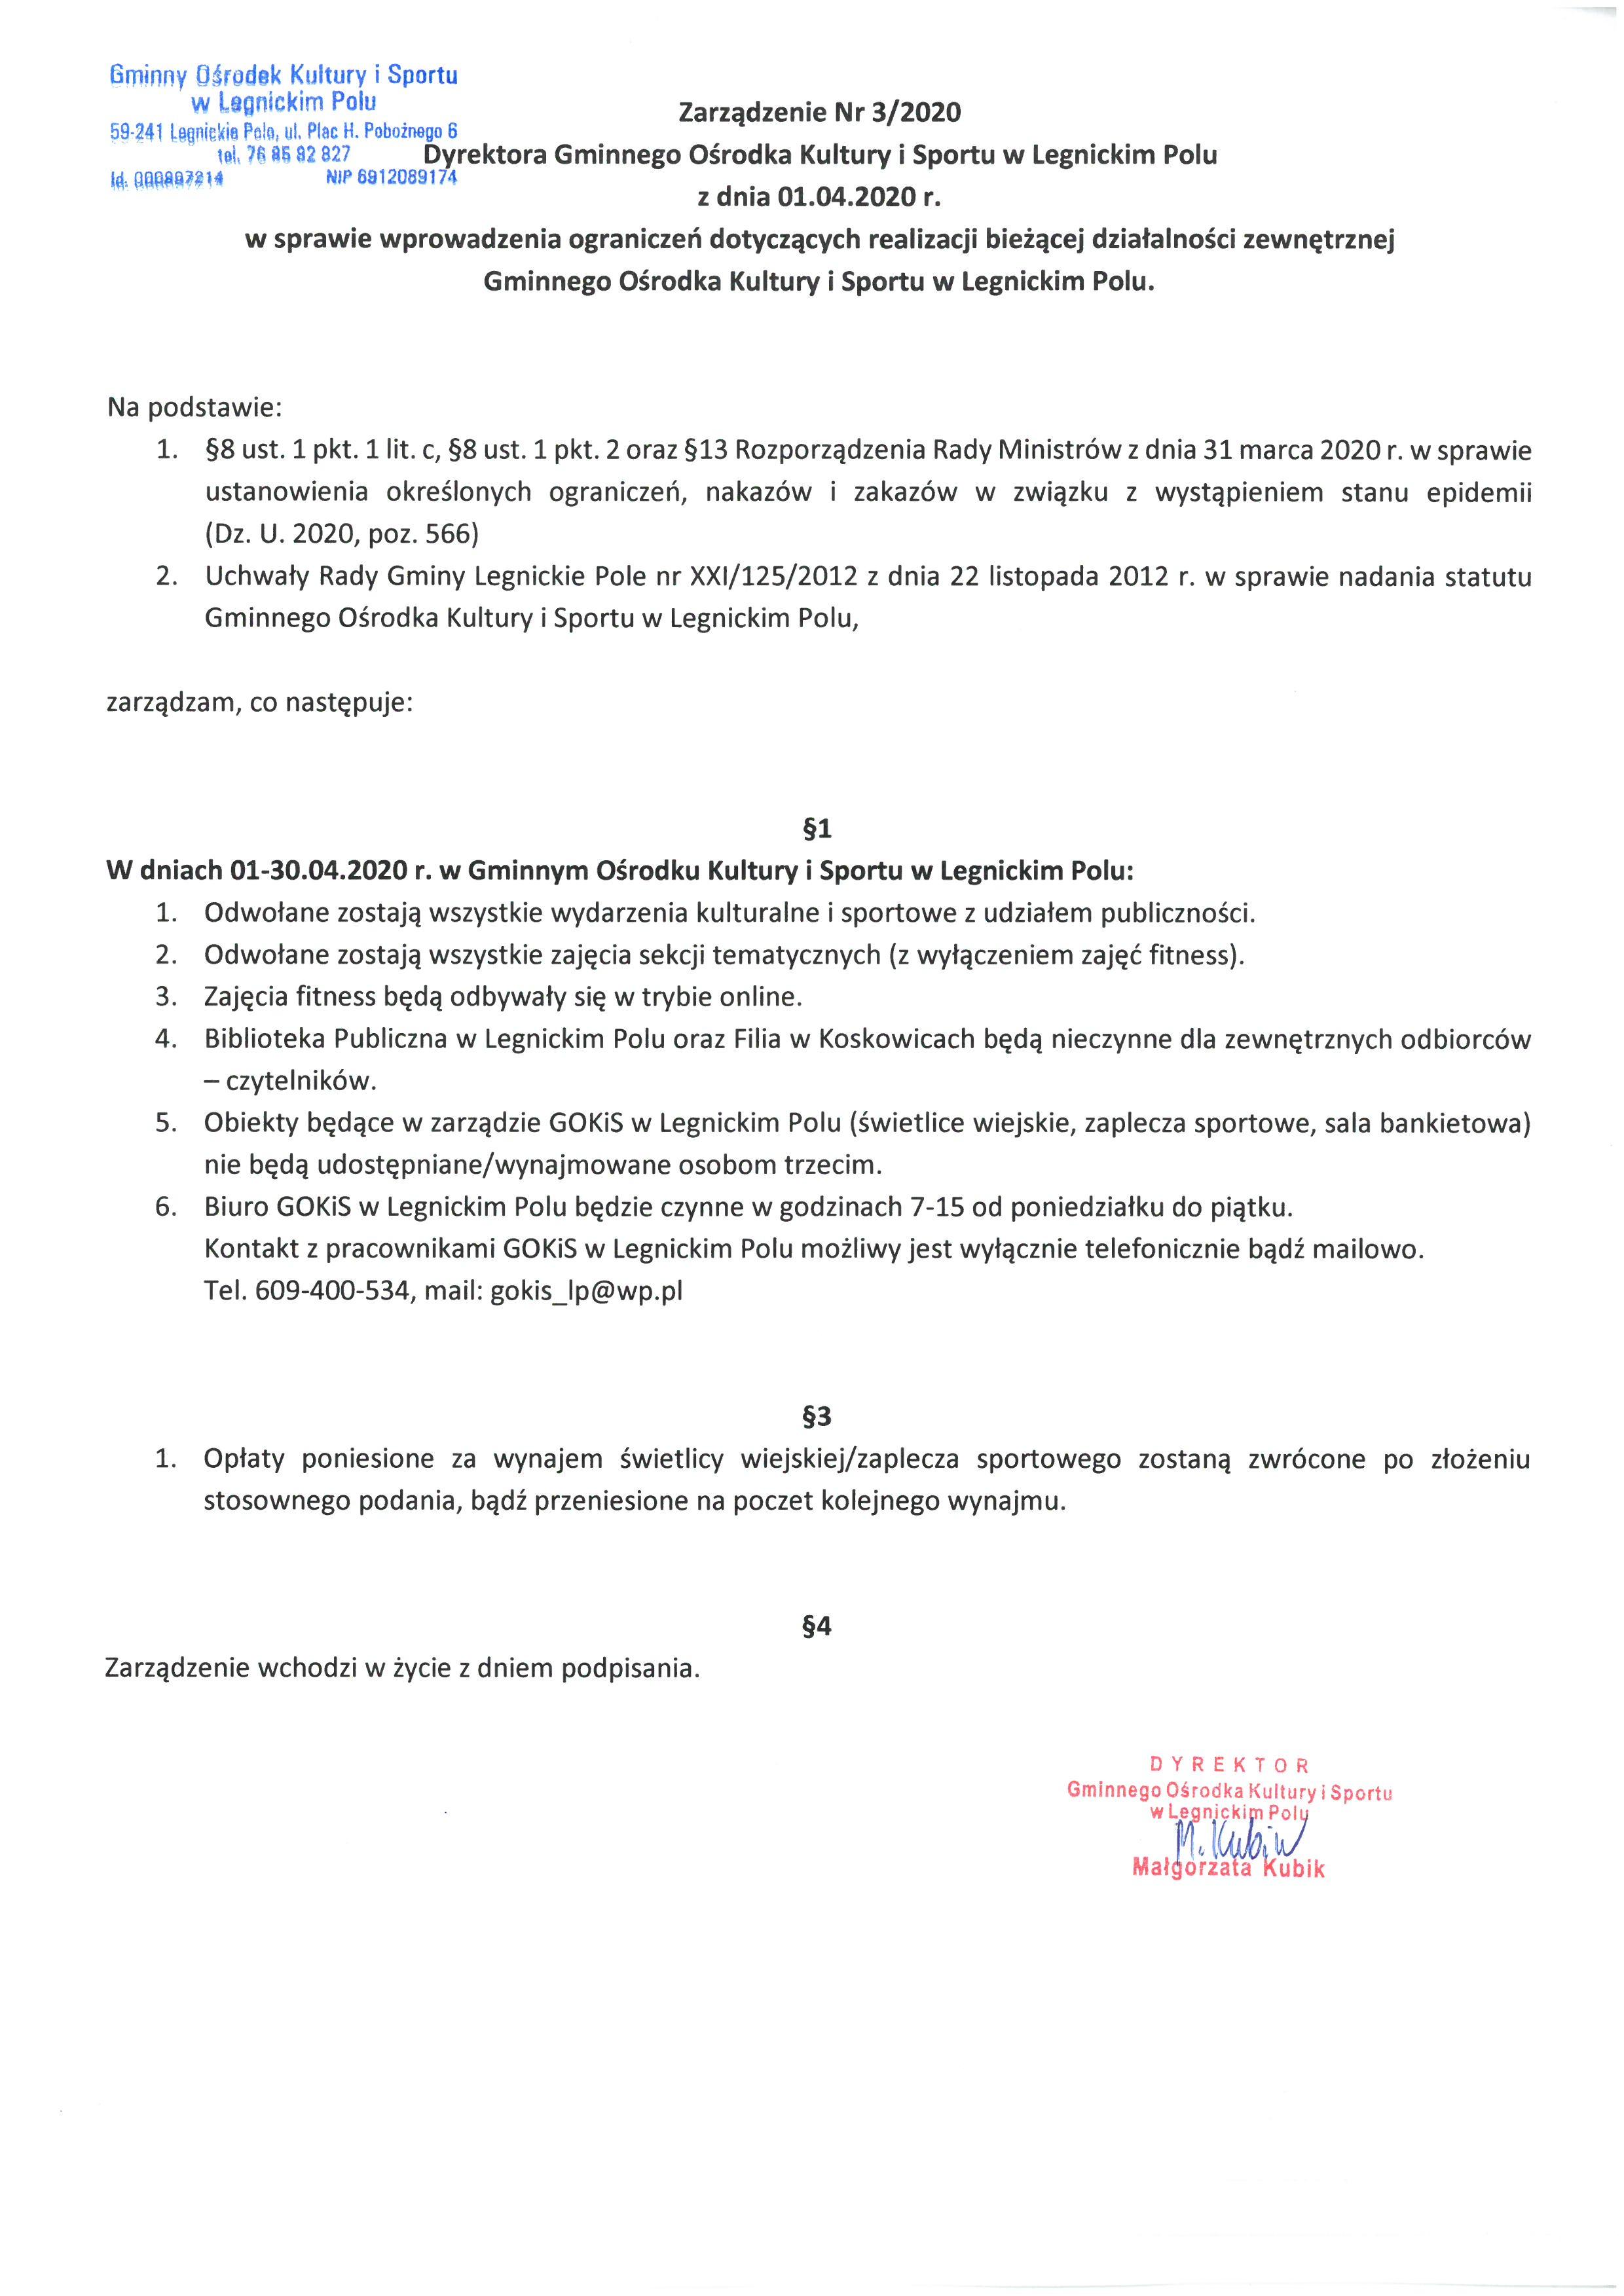 Zarządzenie Dyrektora GOKiS w Legnickim Polu w sprawie ustanowienia określonych ograniczeń, nakazów i zakazów w związku z wystąpieniem stanu epidemii.